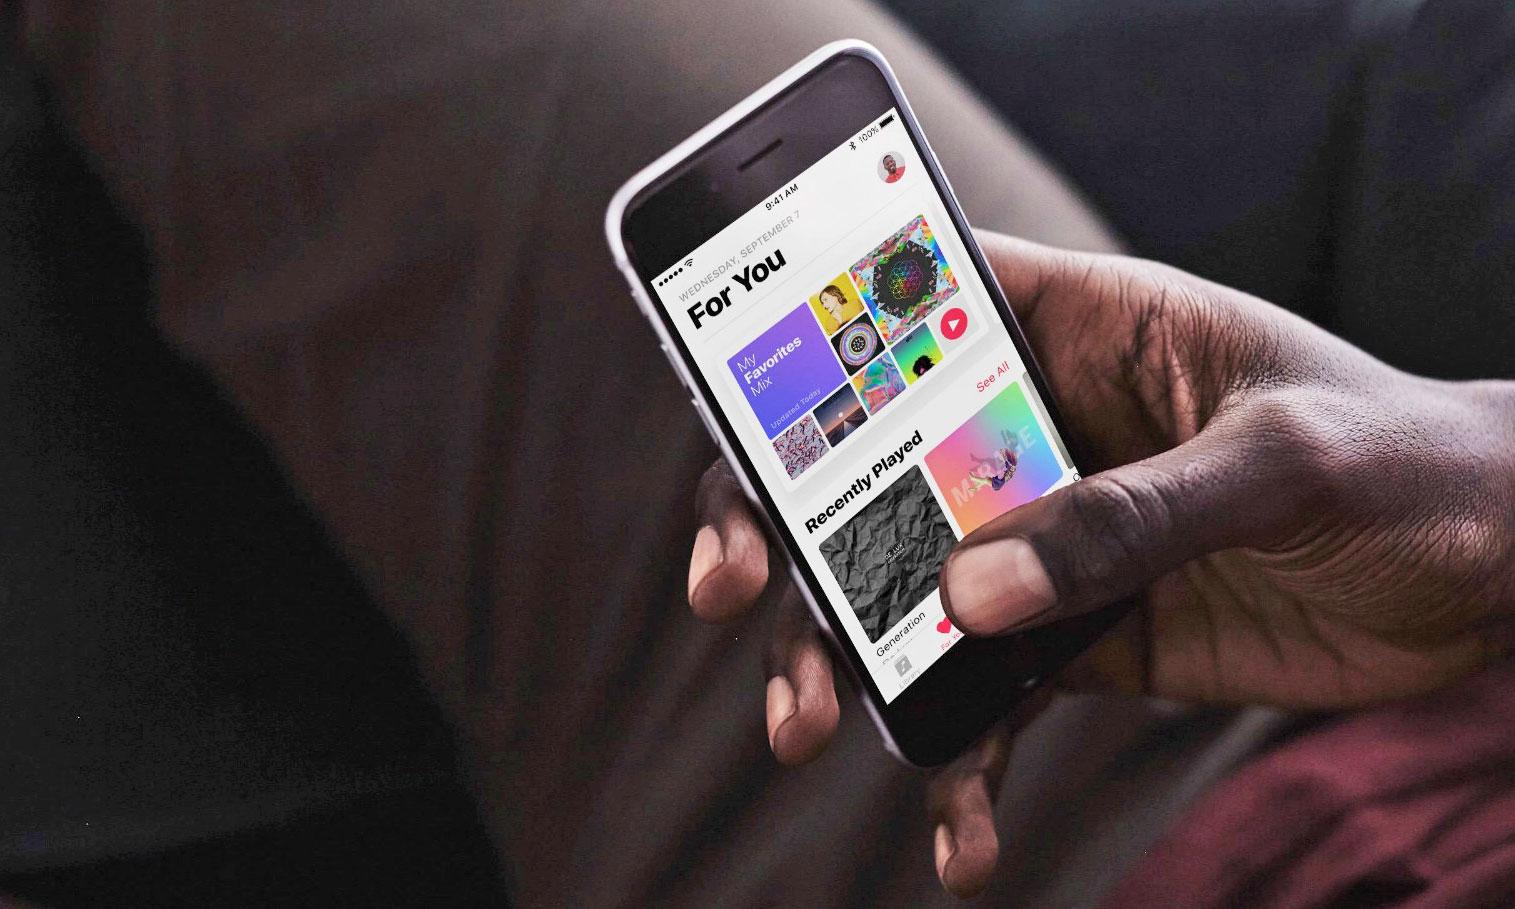 业内人士表示 Apple Music 在美订阅用户数已经超过 Spotify